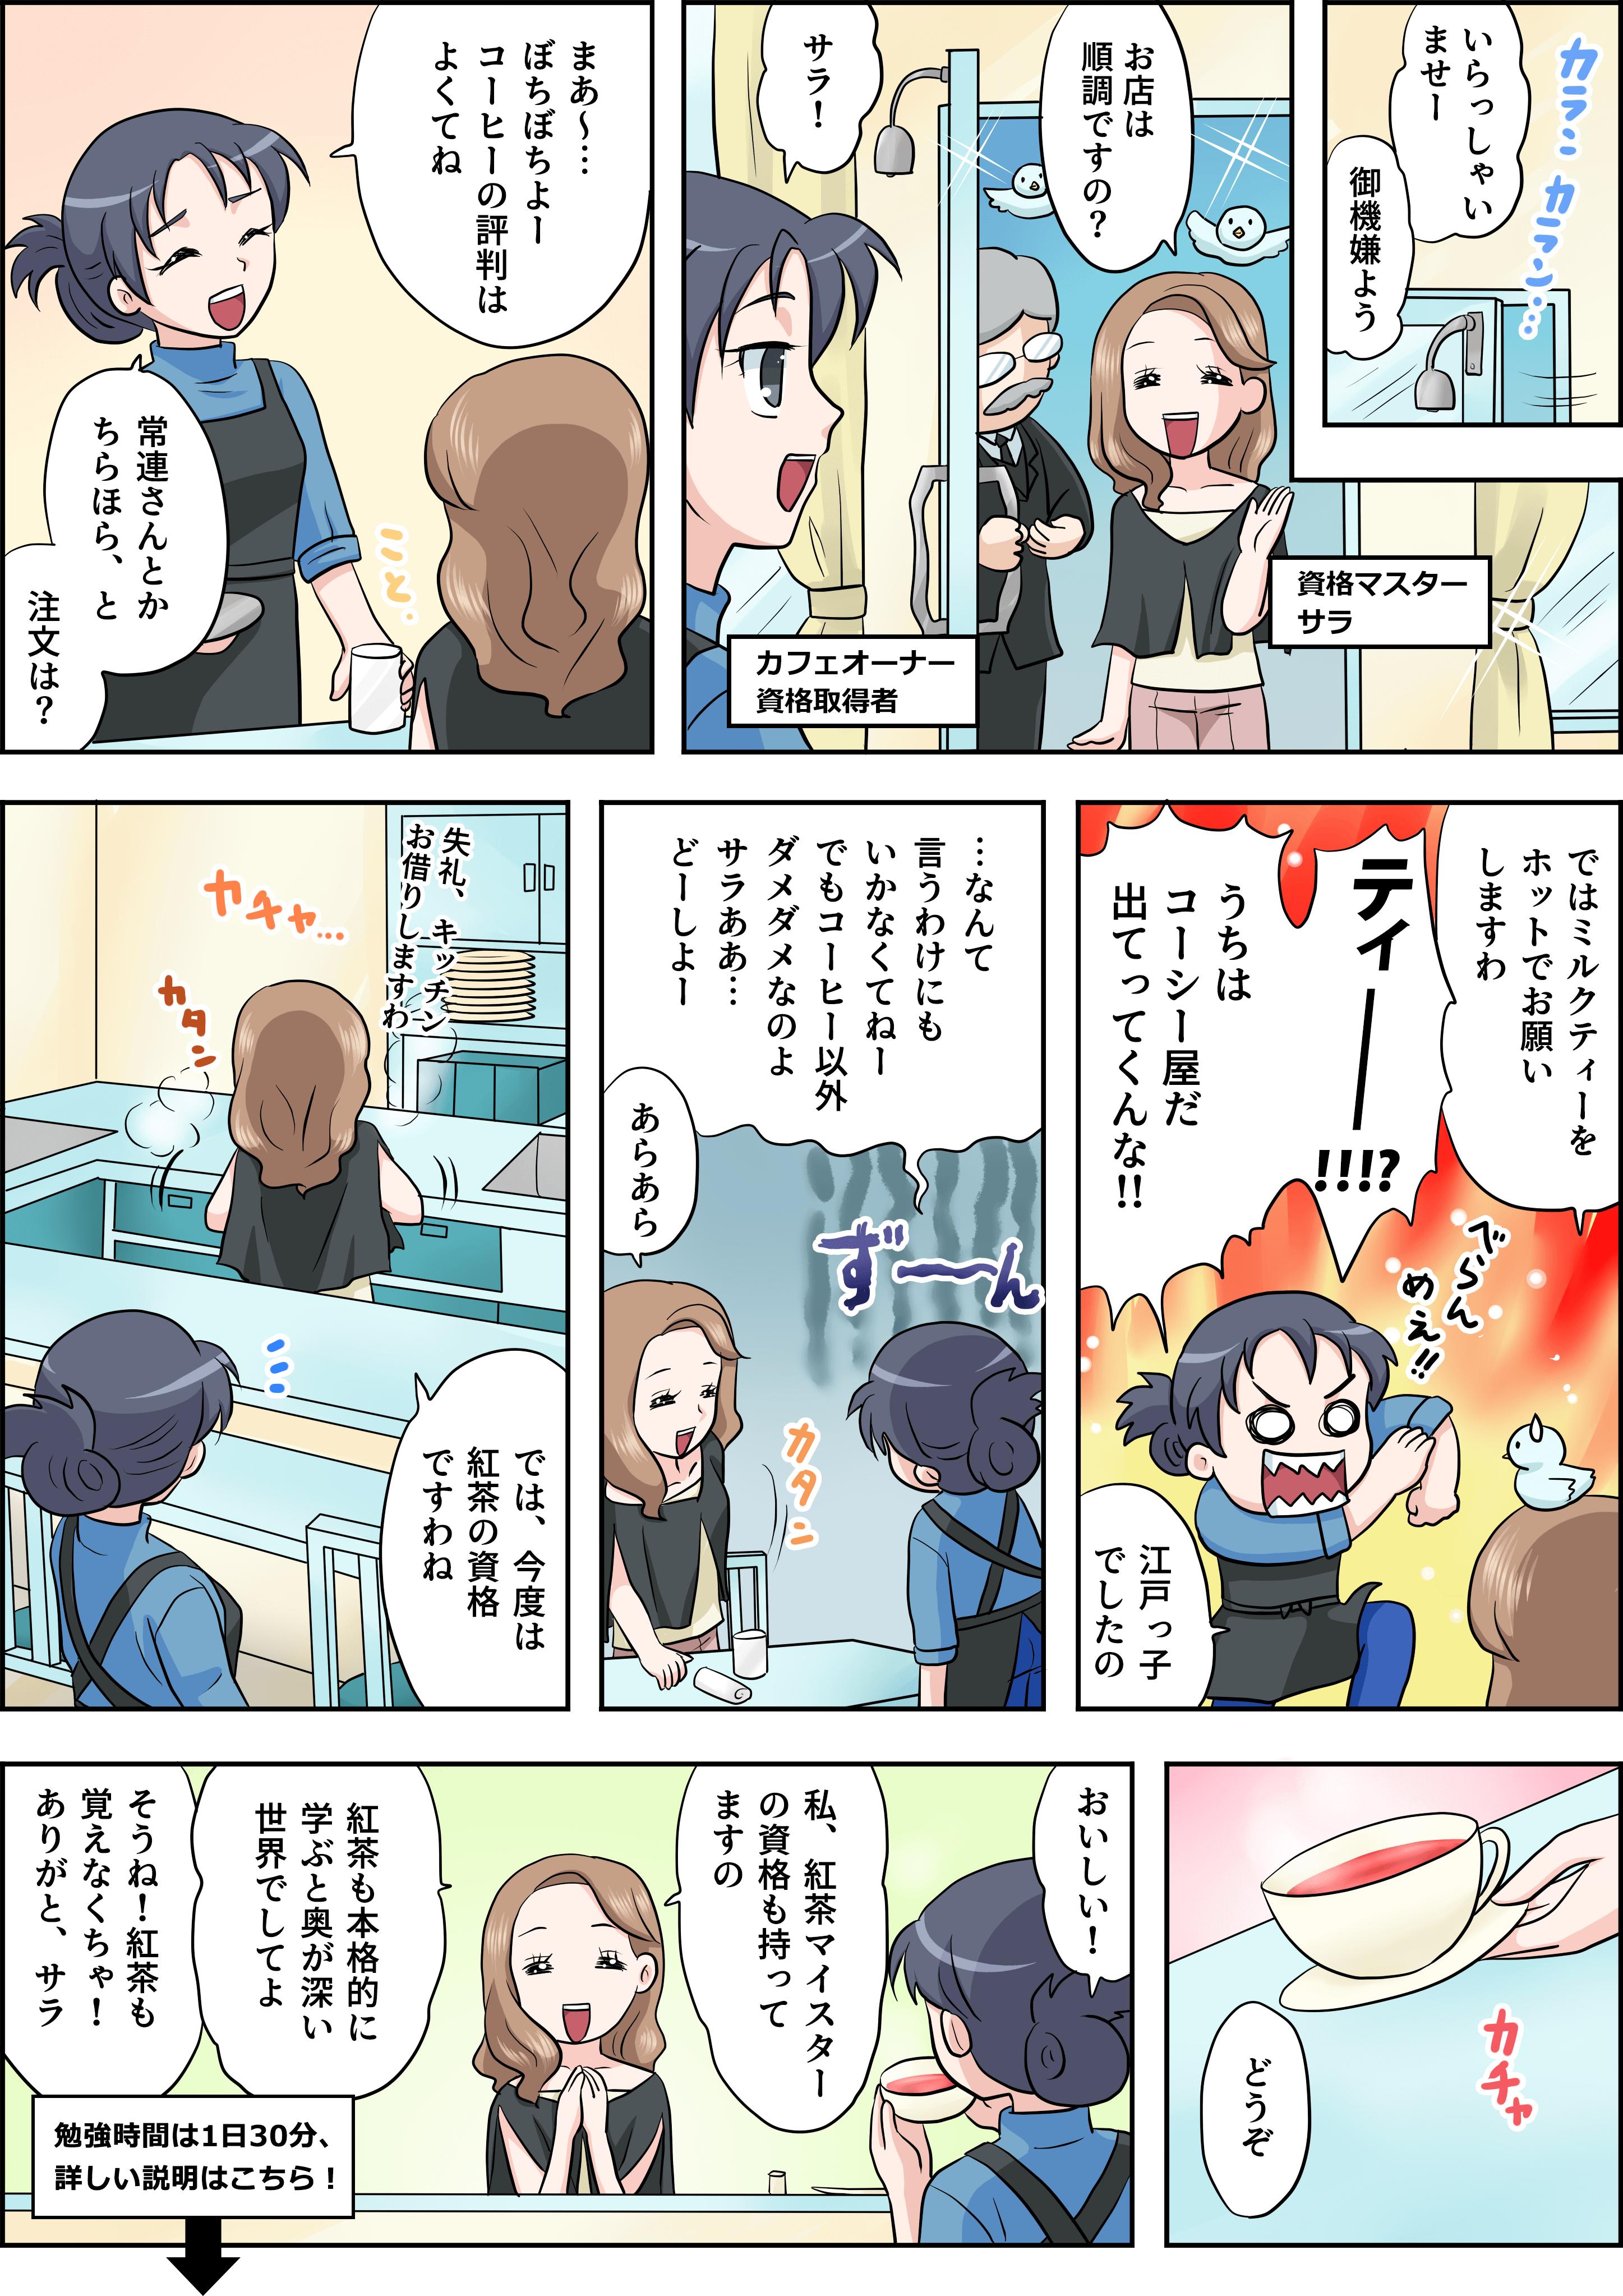 紅茶の漫画